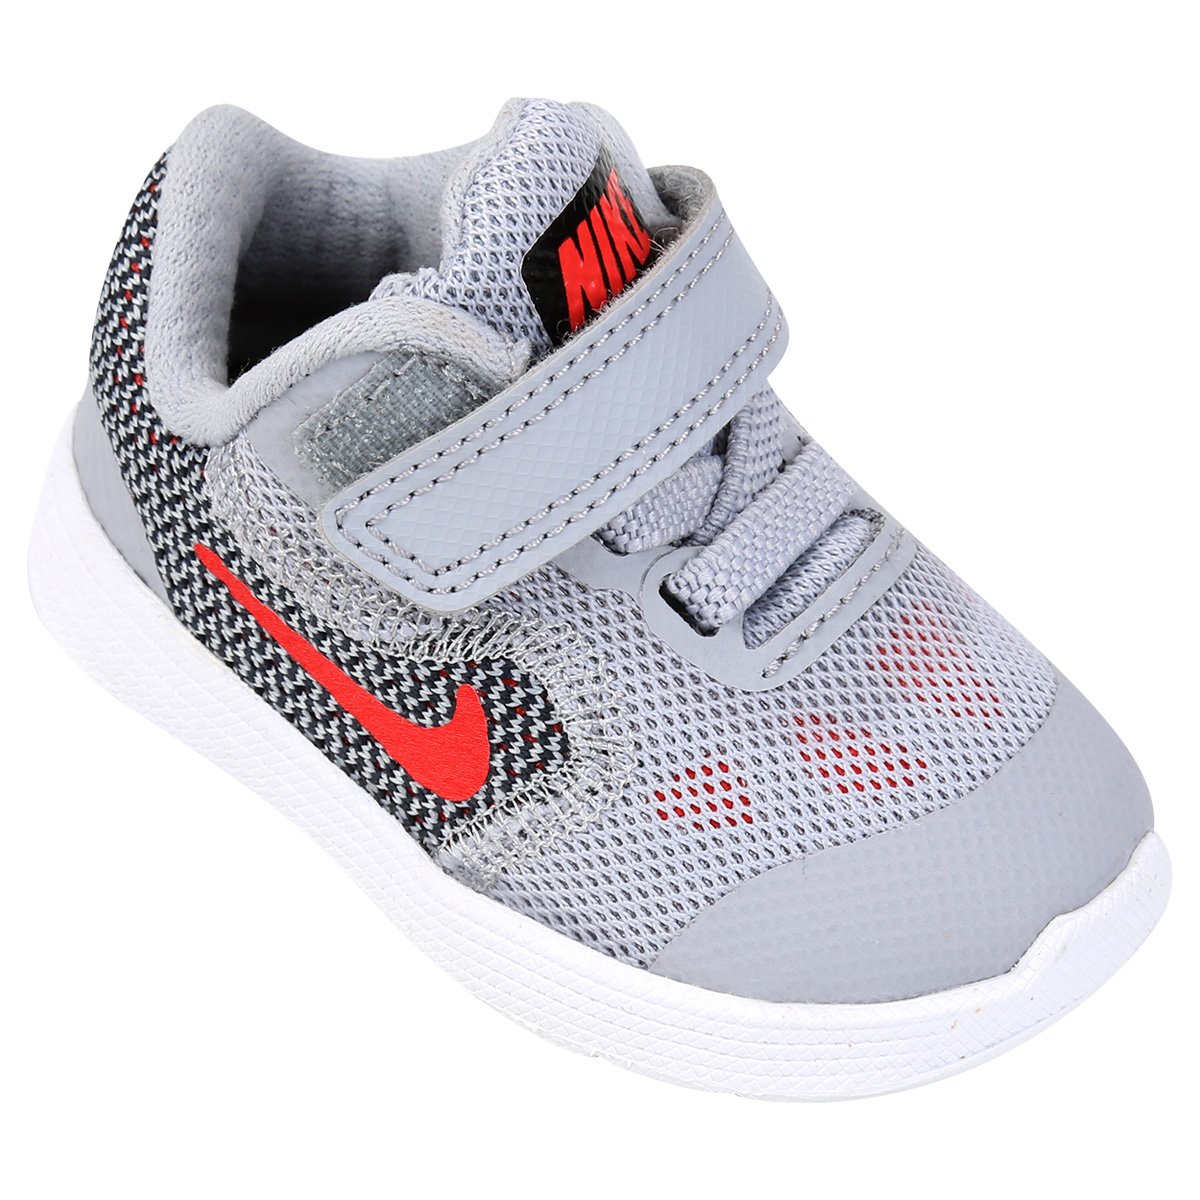 Tênis Infantil Nike Revolution 3 - Cinza e Vermelho - Compre Agora ... a6afcab7e9548